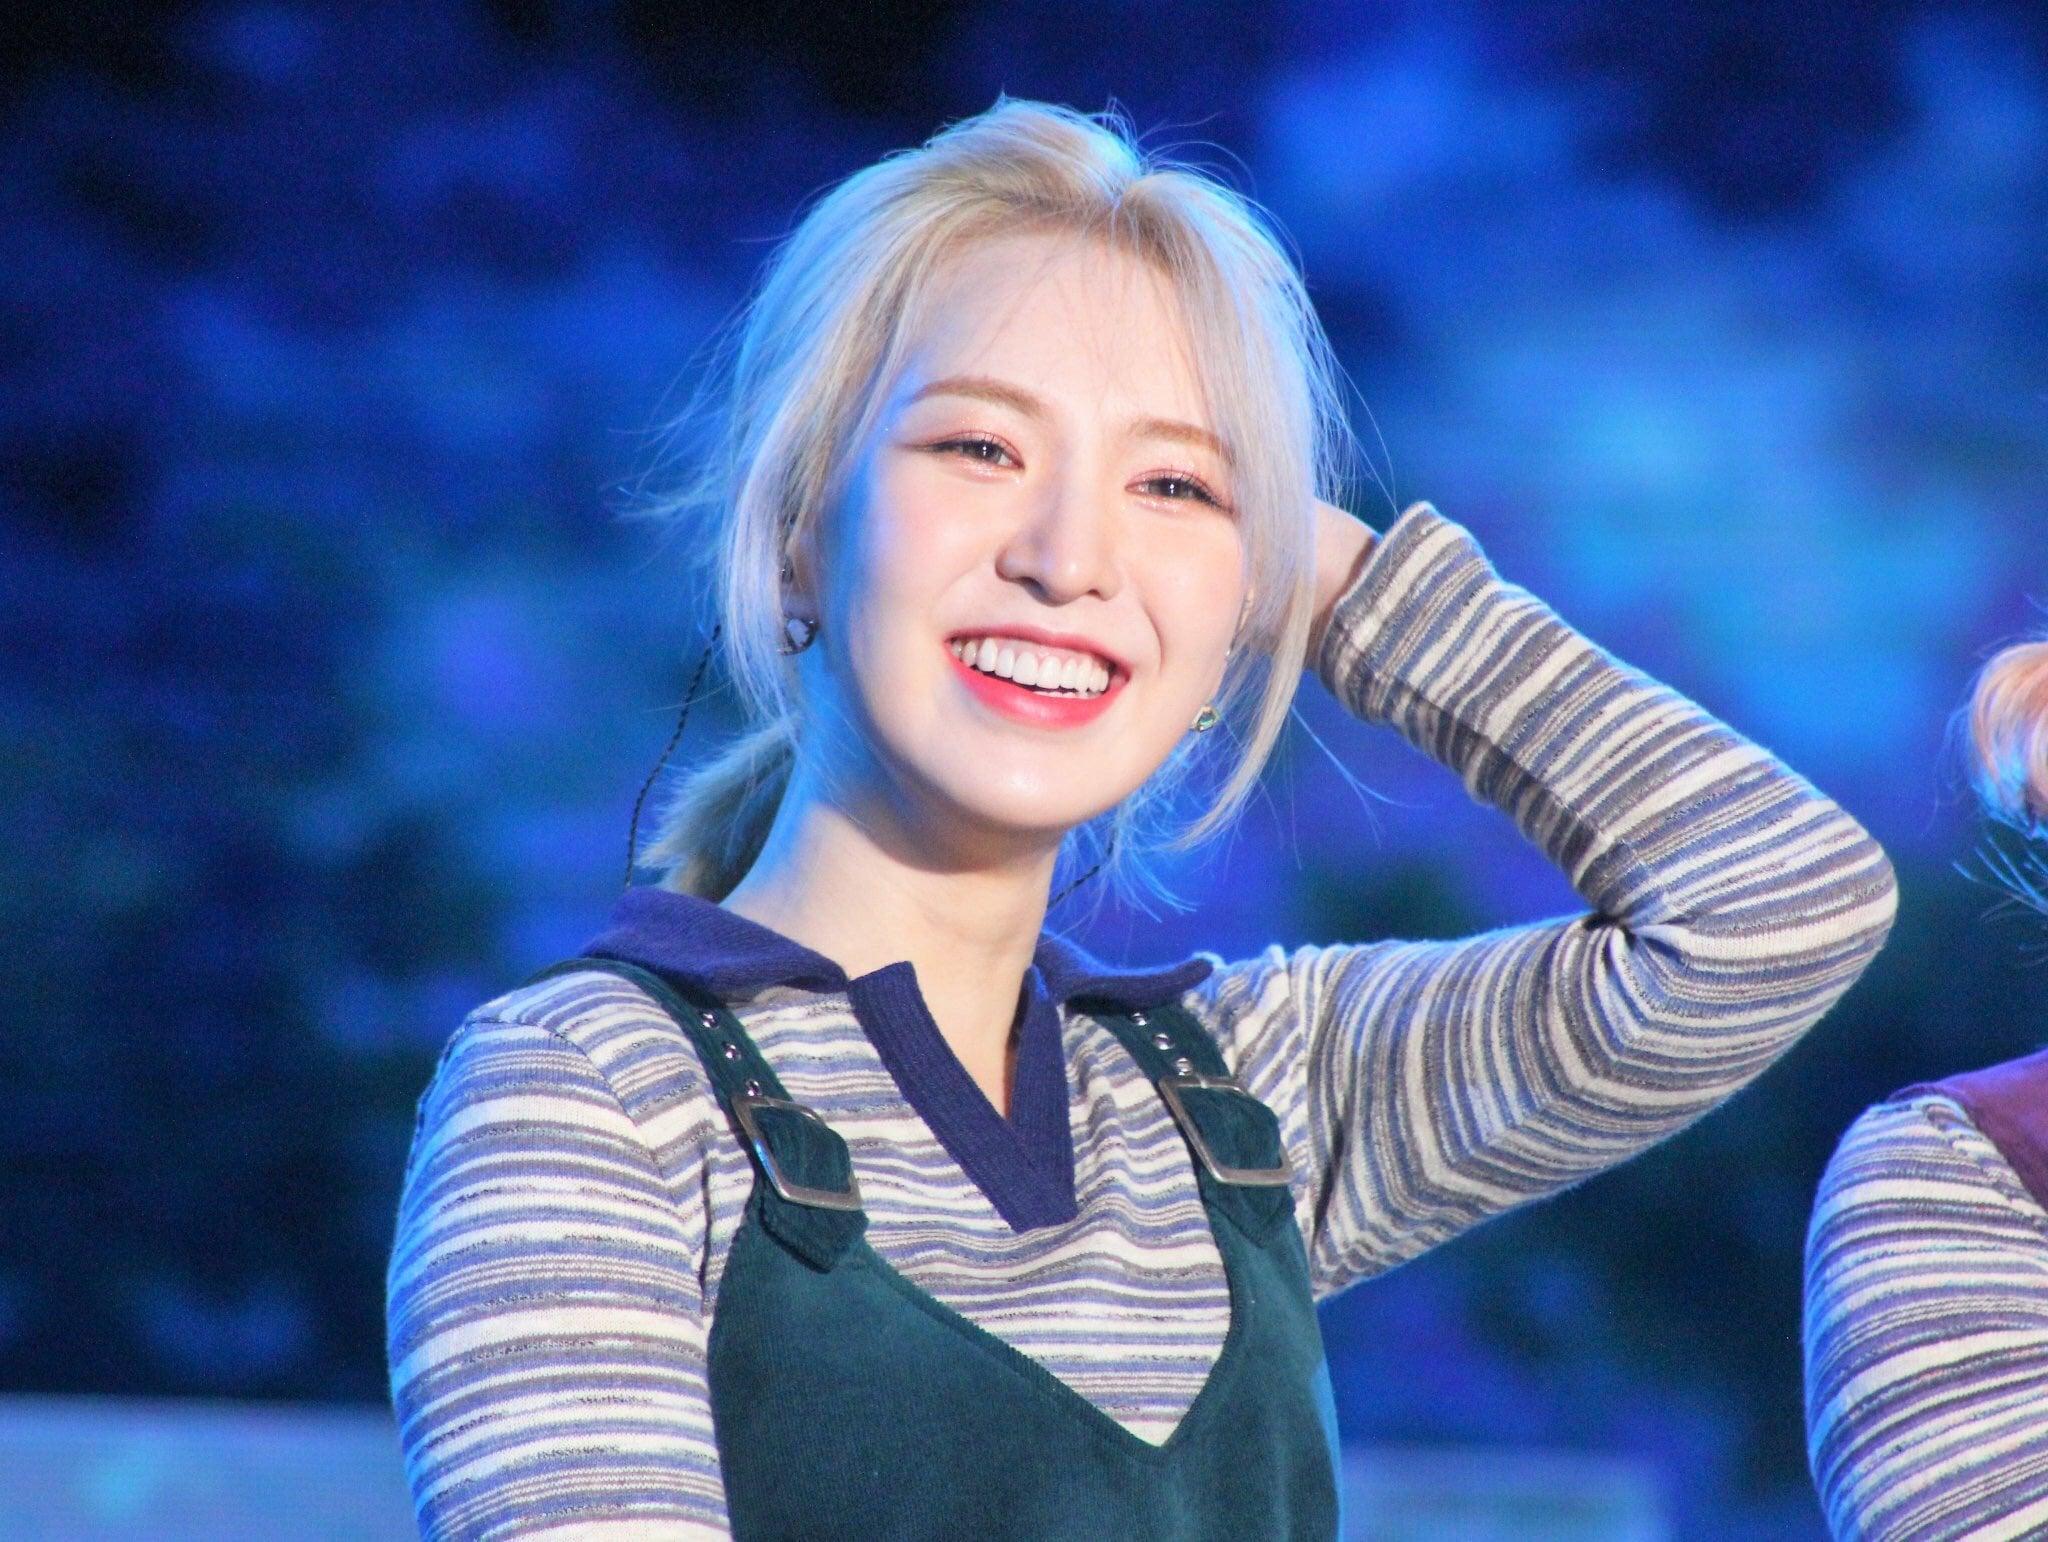 Nhuộm tóc vàng trở lại, Wendy (Red Velvet) đạt đến đẳng cấp nữ thần làm dân tình phát sốt